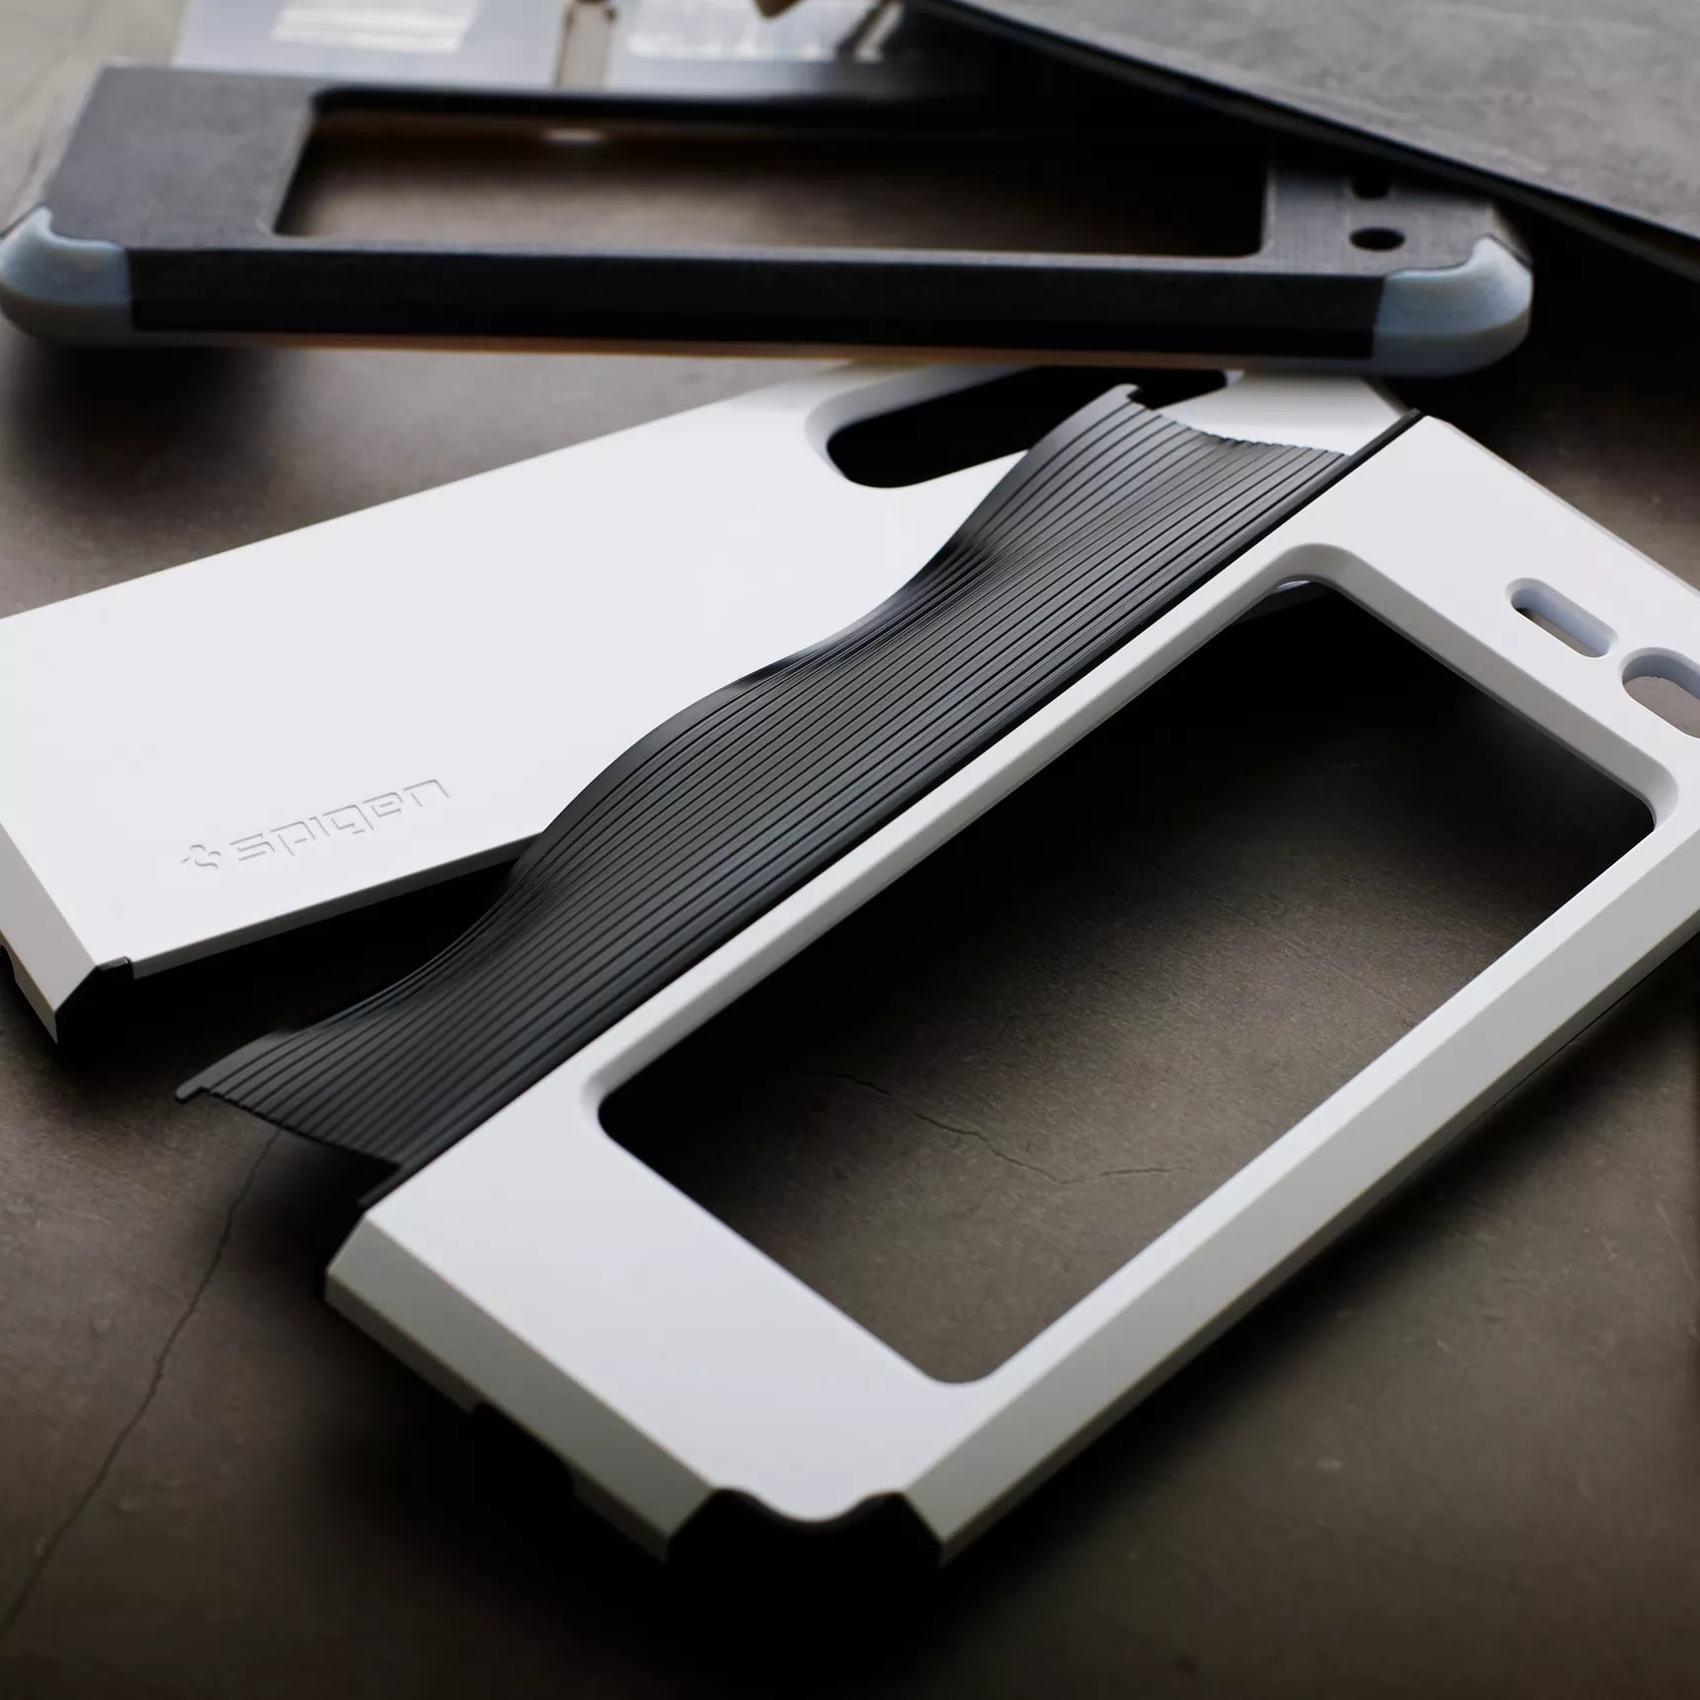 Galaxy Fold ovitek in zaščita pregiba zložljivega telefona